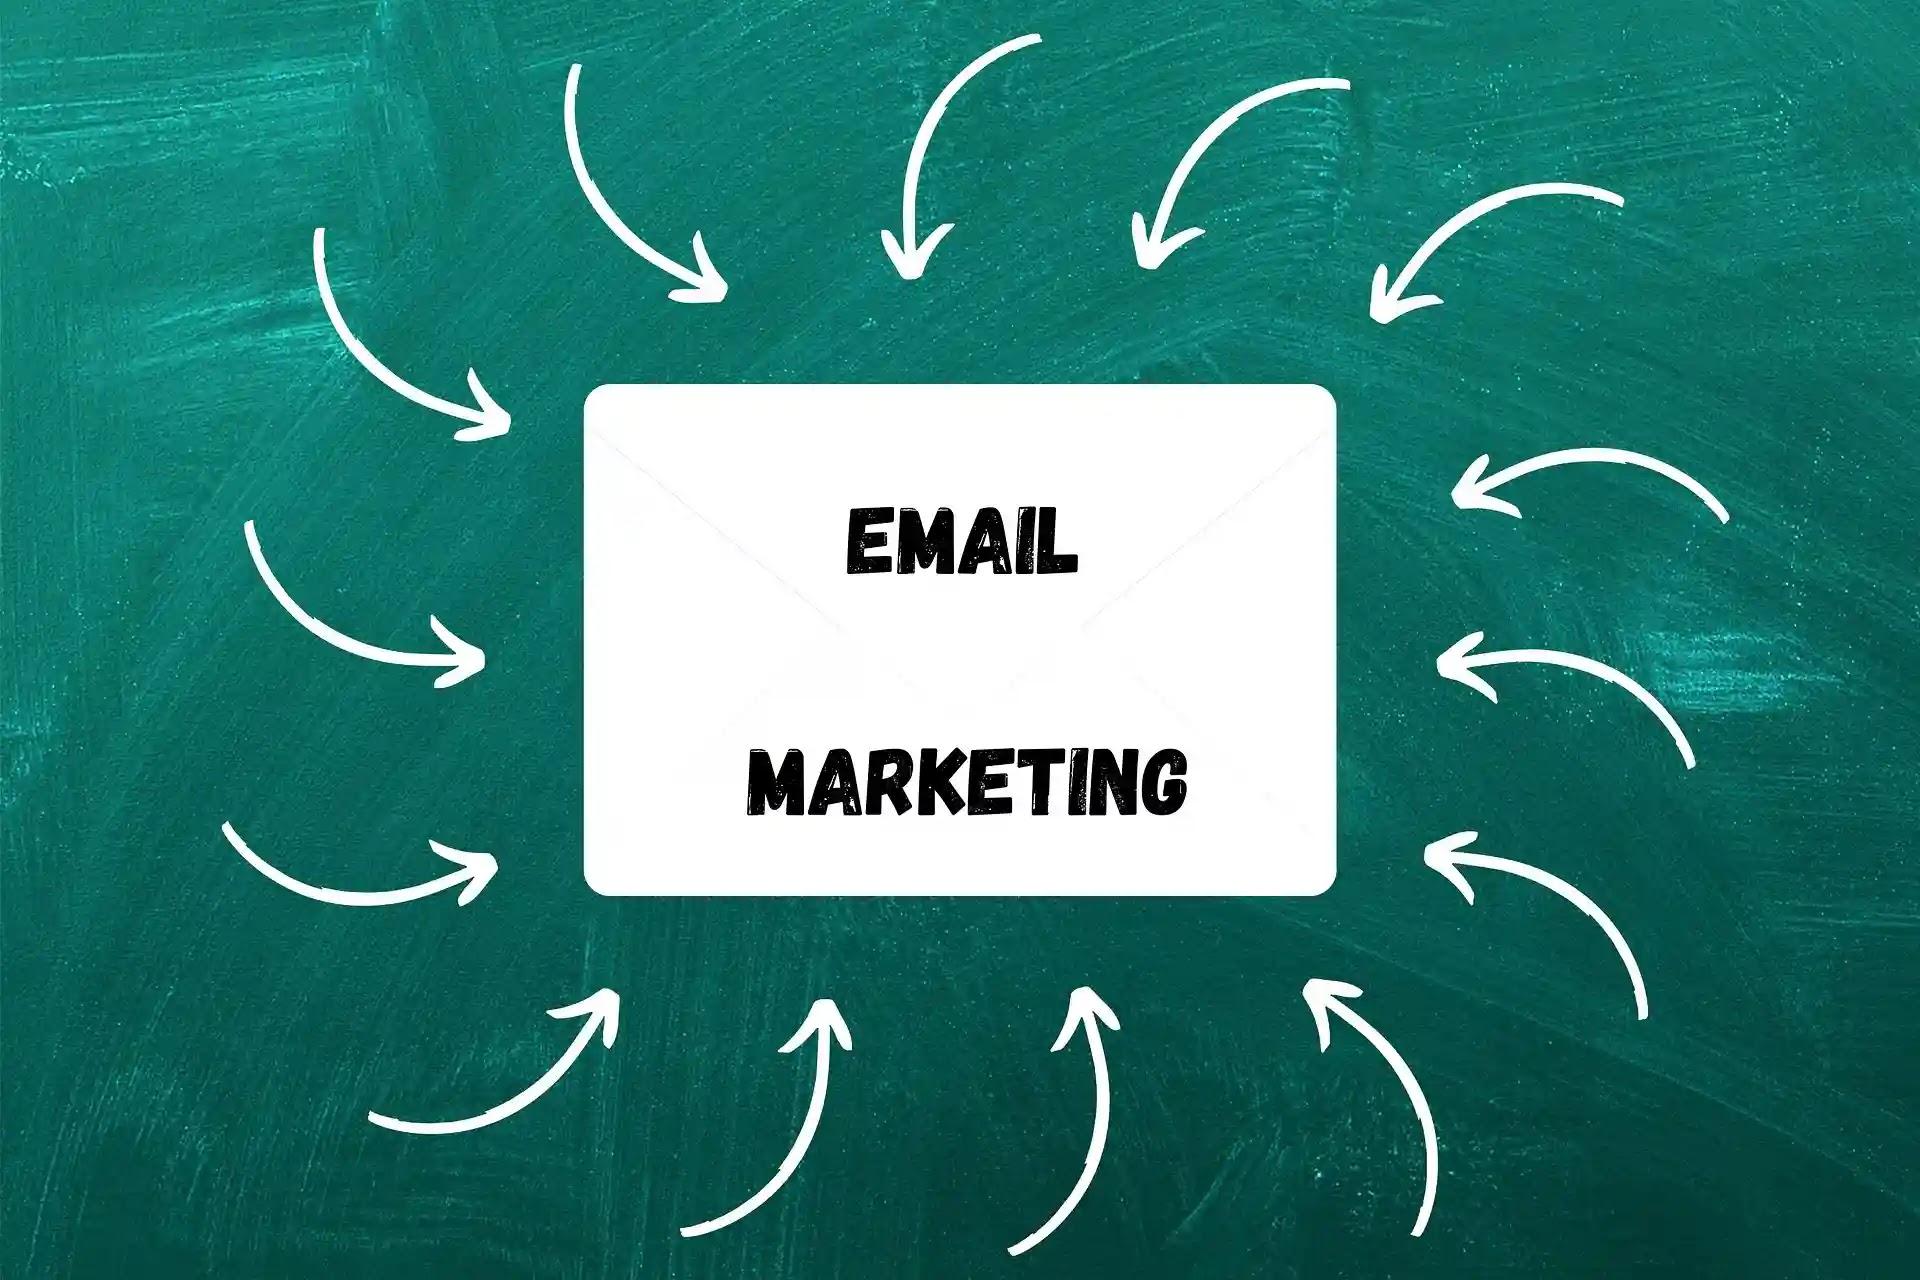 التسويق عبر البريد الالكتروني,التسويق عبر البريد الإلكتروني,التسويق بالبريد الإلكتروني,التسويق عبر الايميل,التسويق الالكتروني,التسويق الإلكتروني,التسويق عن طريق البريد الالكتروني,التسويق بالعمولة,طريقة التسويق عبر البريد الالكتروني,التسويق بالبريد الالكتروني,التسويق عبر البريد,التسويق,التسويق بالبريد الالكترونى,ماهو التسويق عبر البريد الإلكتروني,مقدمة في التسويق عبر البريد الإلكتروني,دورة مقدمة في التسويق عبر البريد الإلكتروني